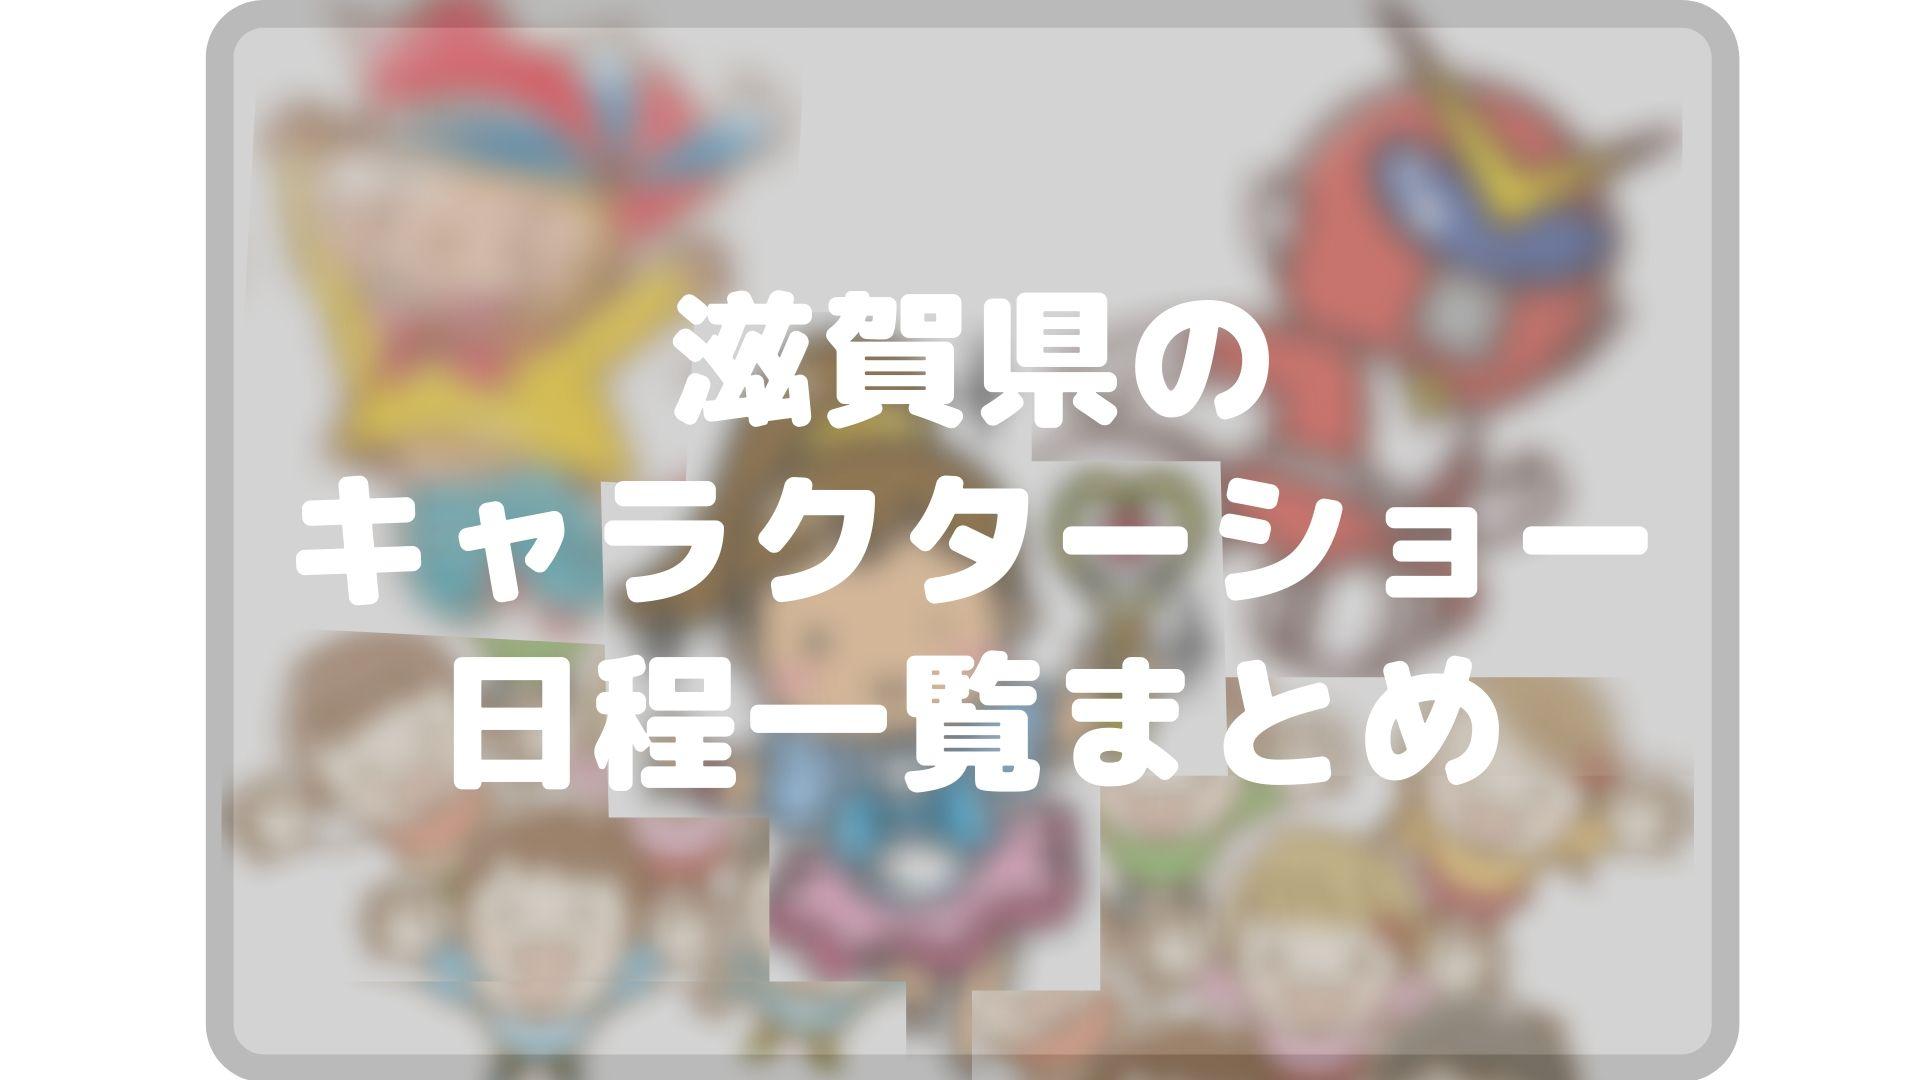 滋賀県のキャラクターショーまとめタイトル画像